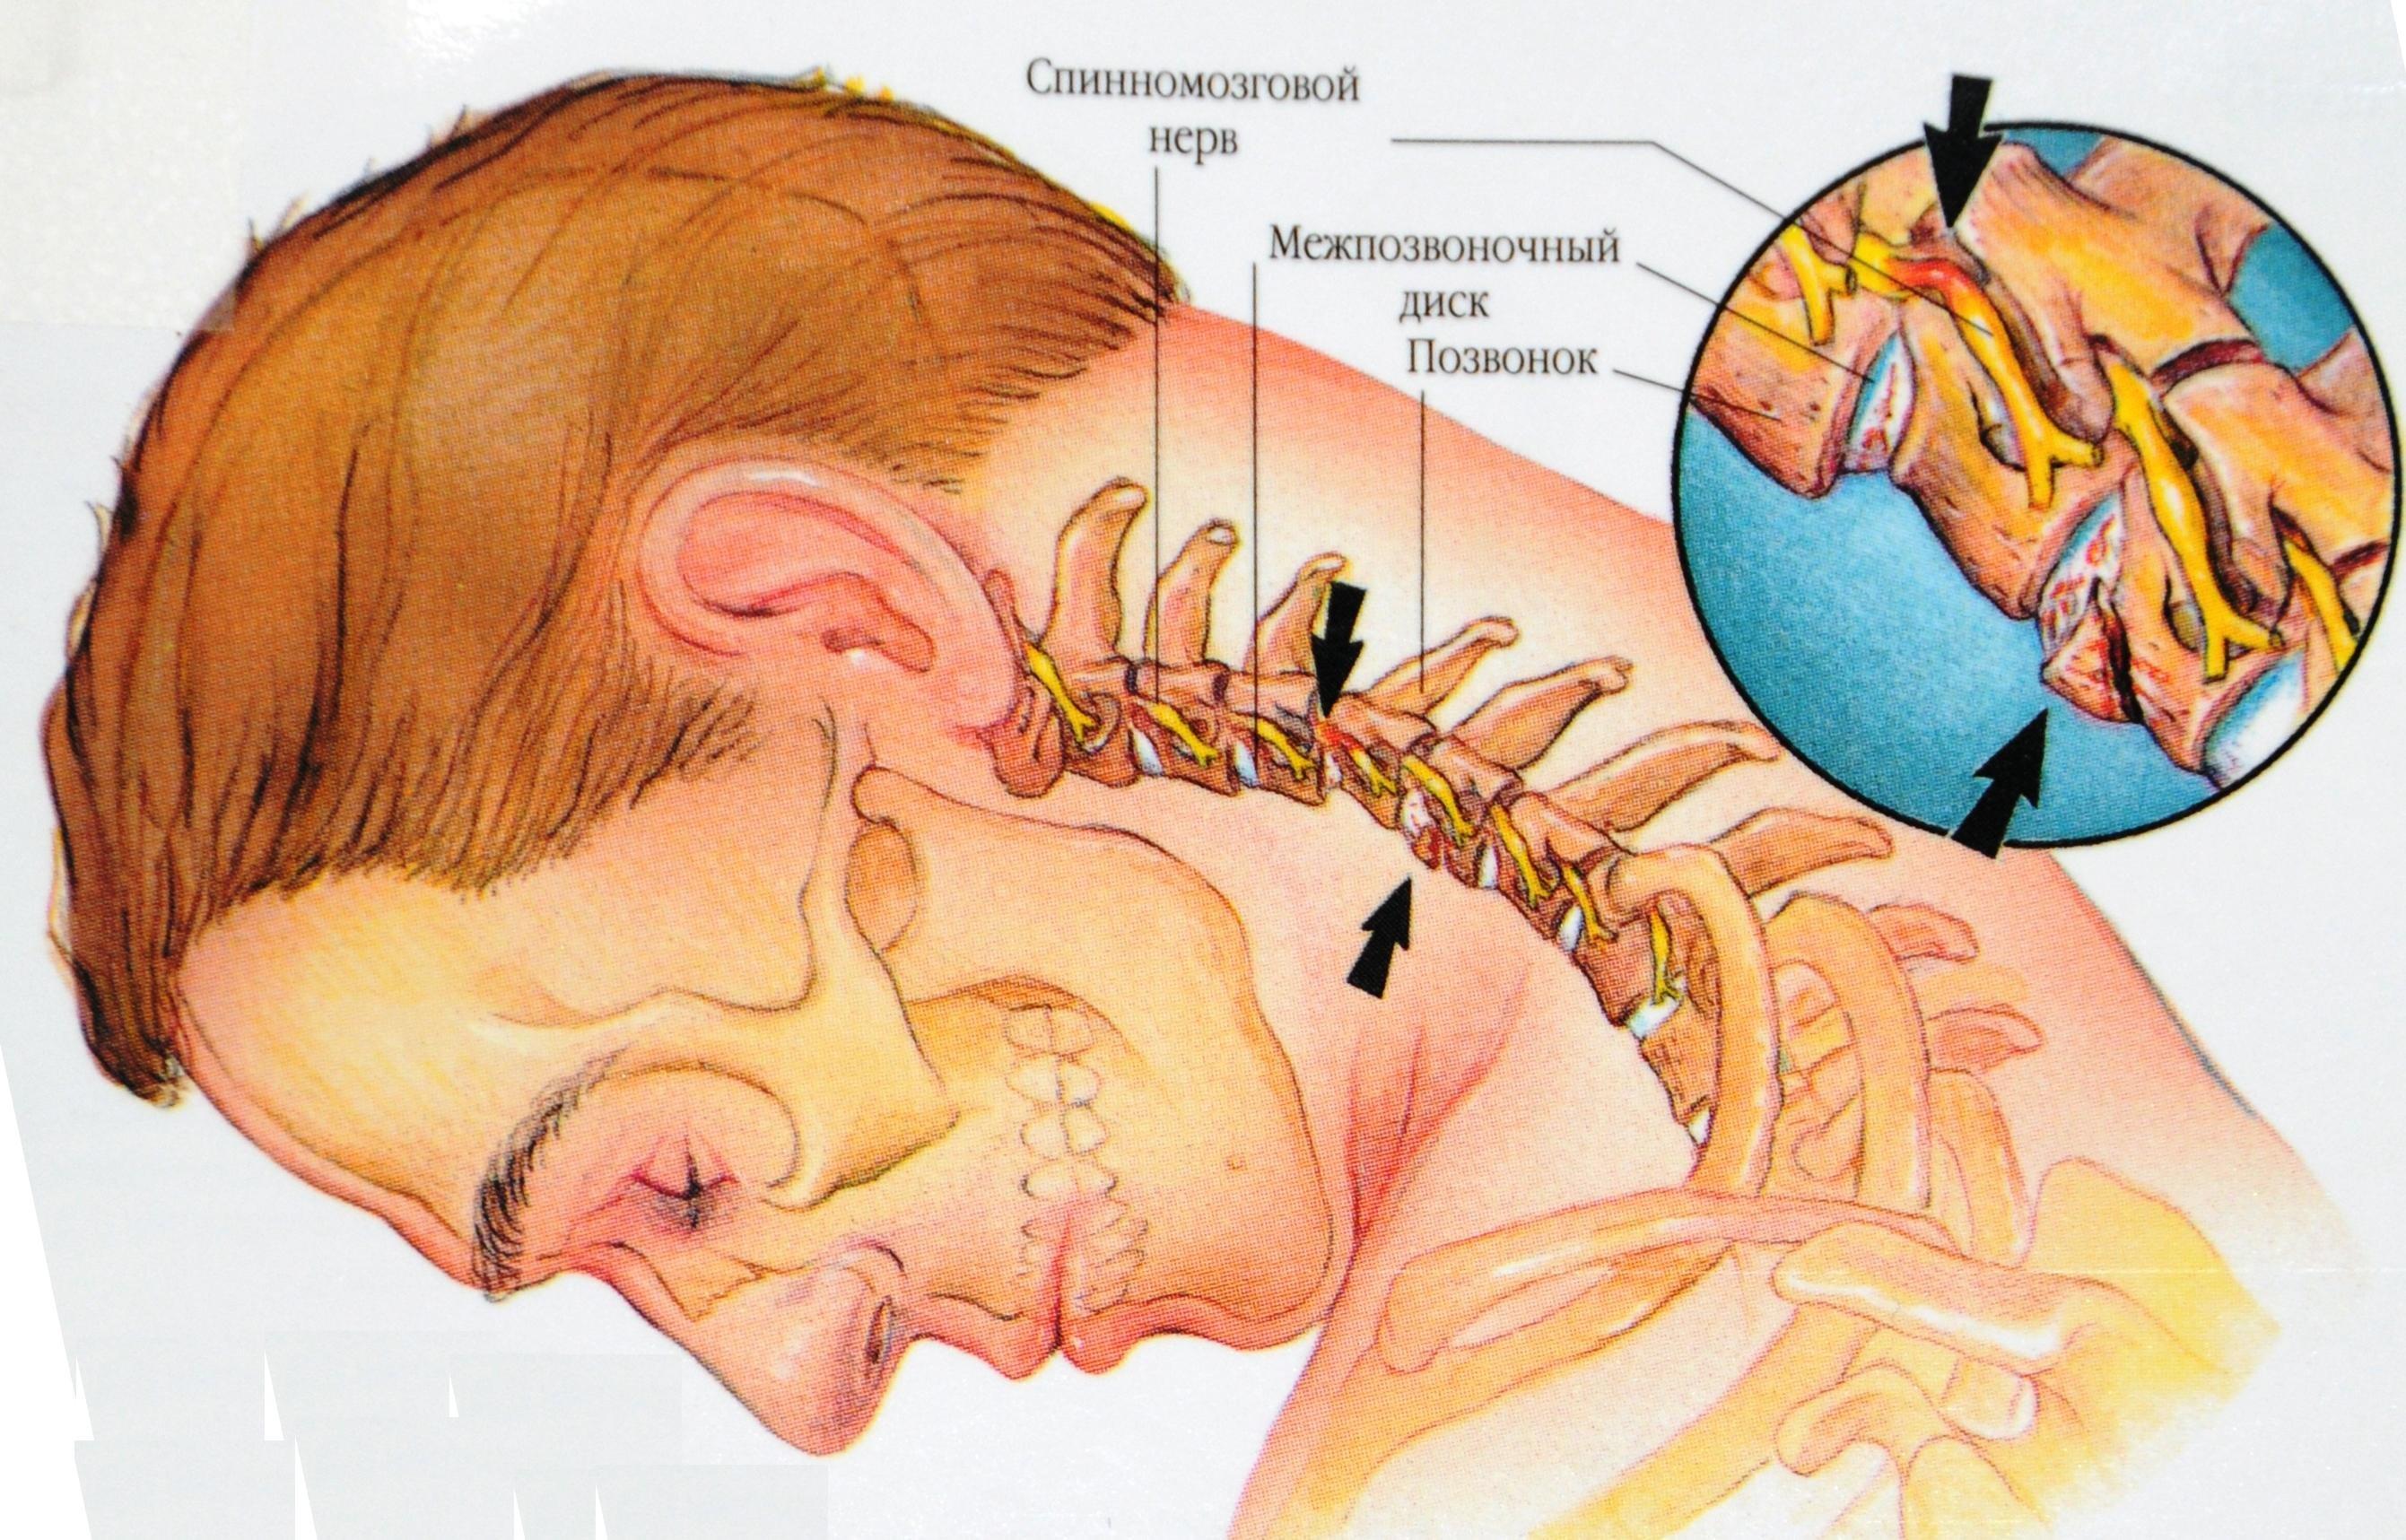 причины развития клинической картины вегето-сосудистой дистонии